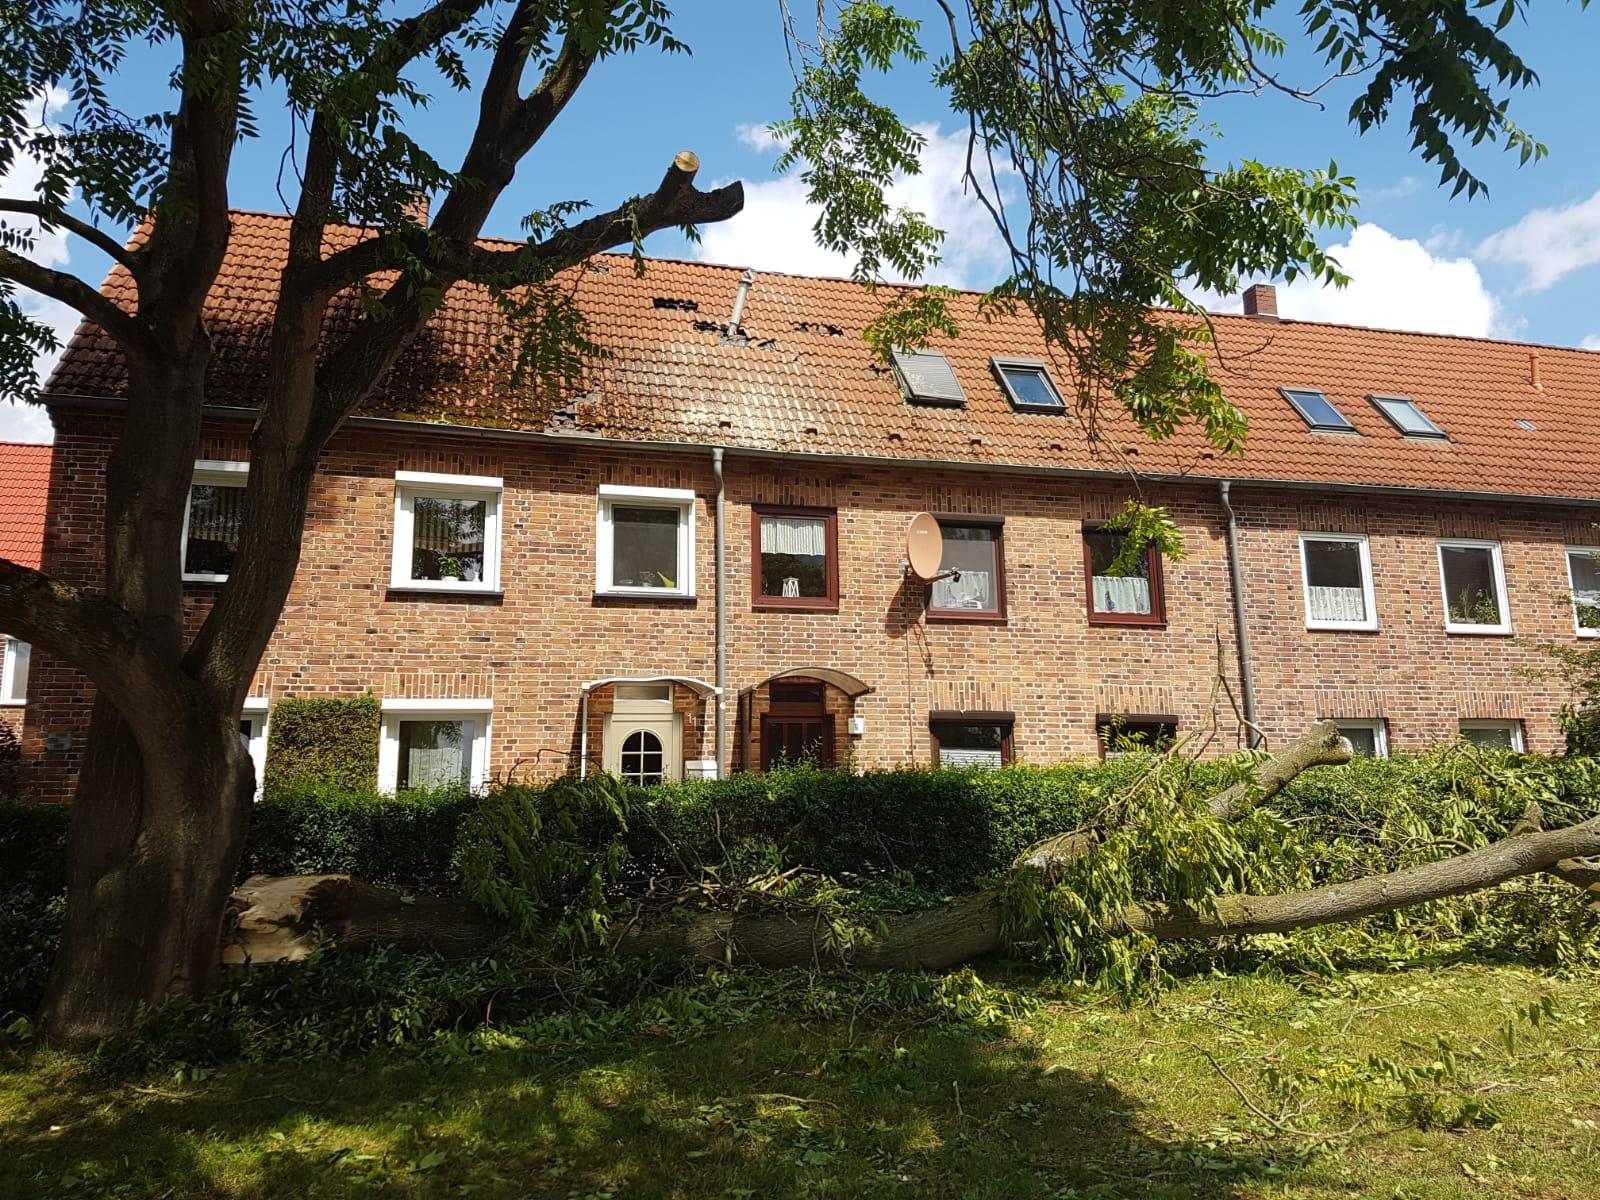 Unerwartetes Unwetter: Viele Schäden in Schwerin